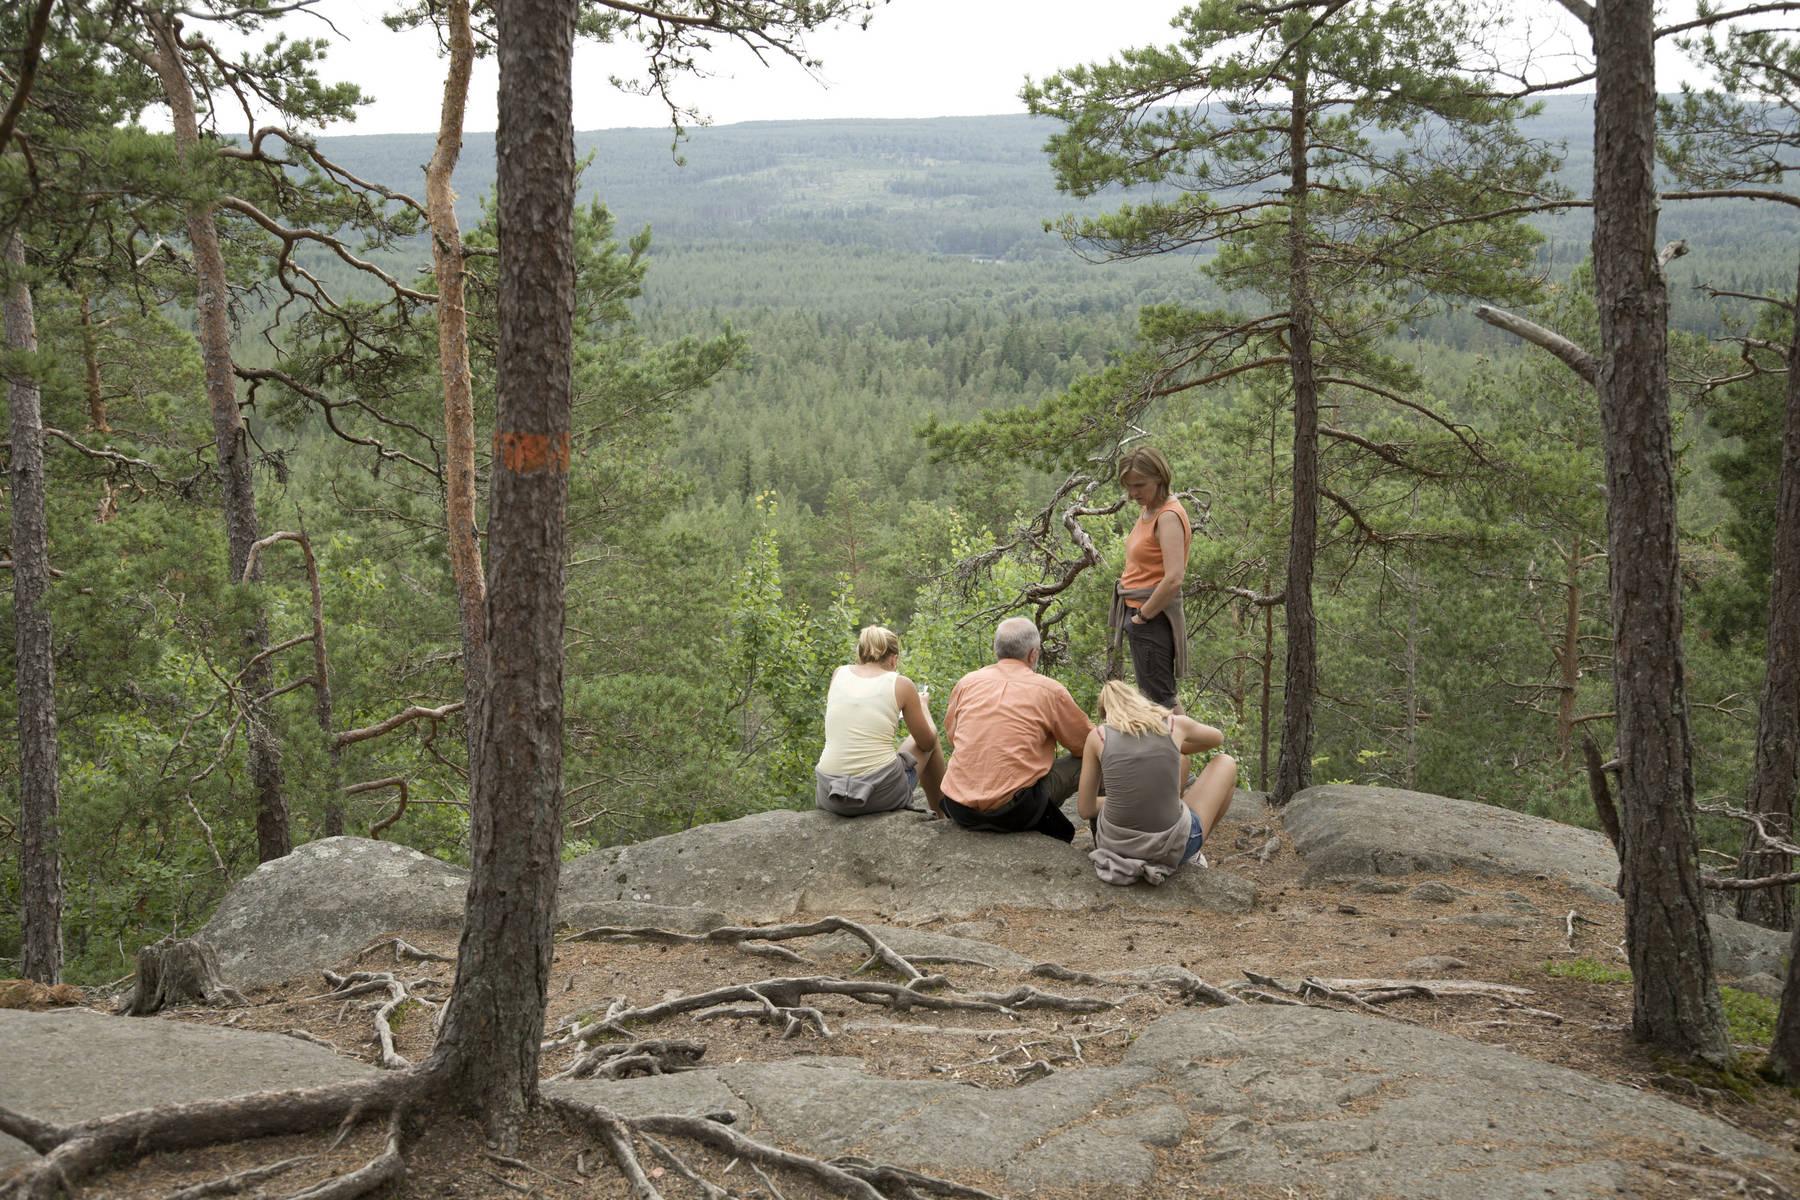 Klippe im småländischen Urwald: Idhöjden im Norra Kvill Nationalpark